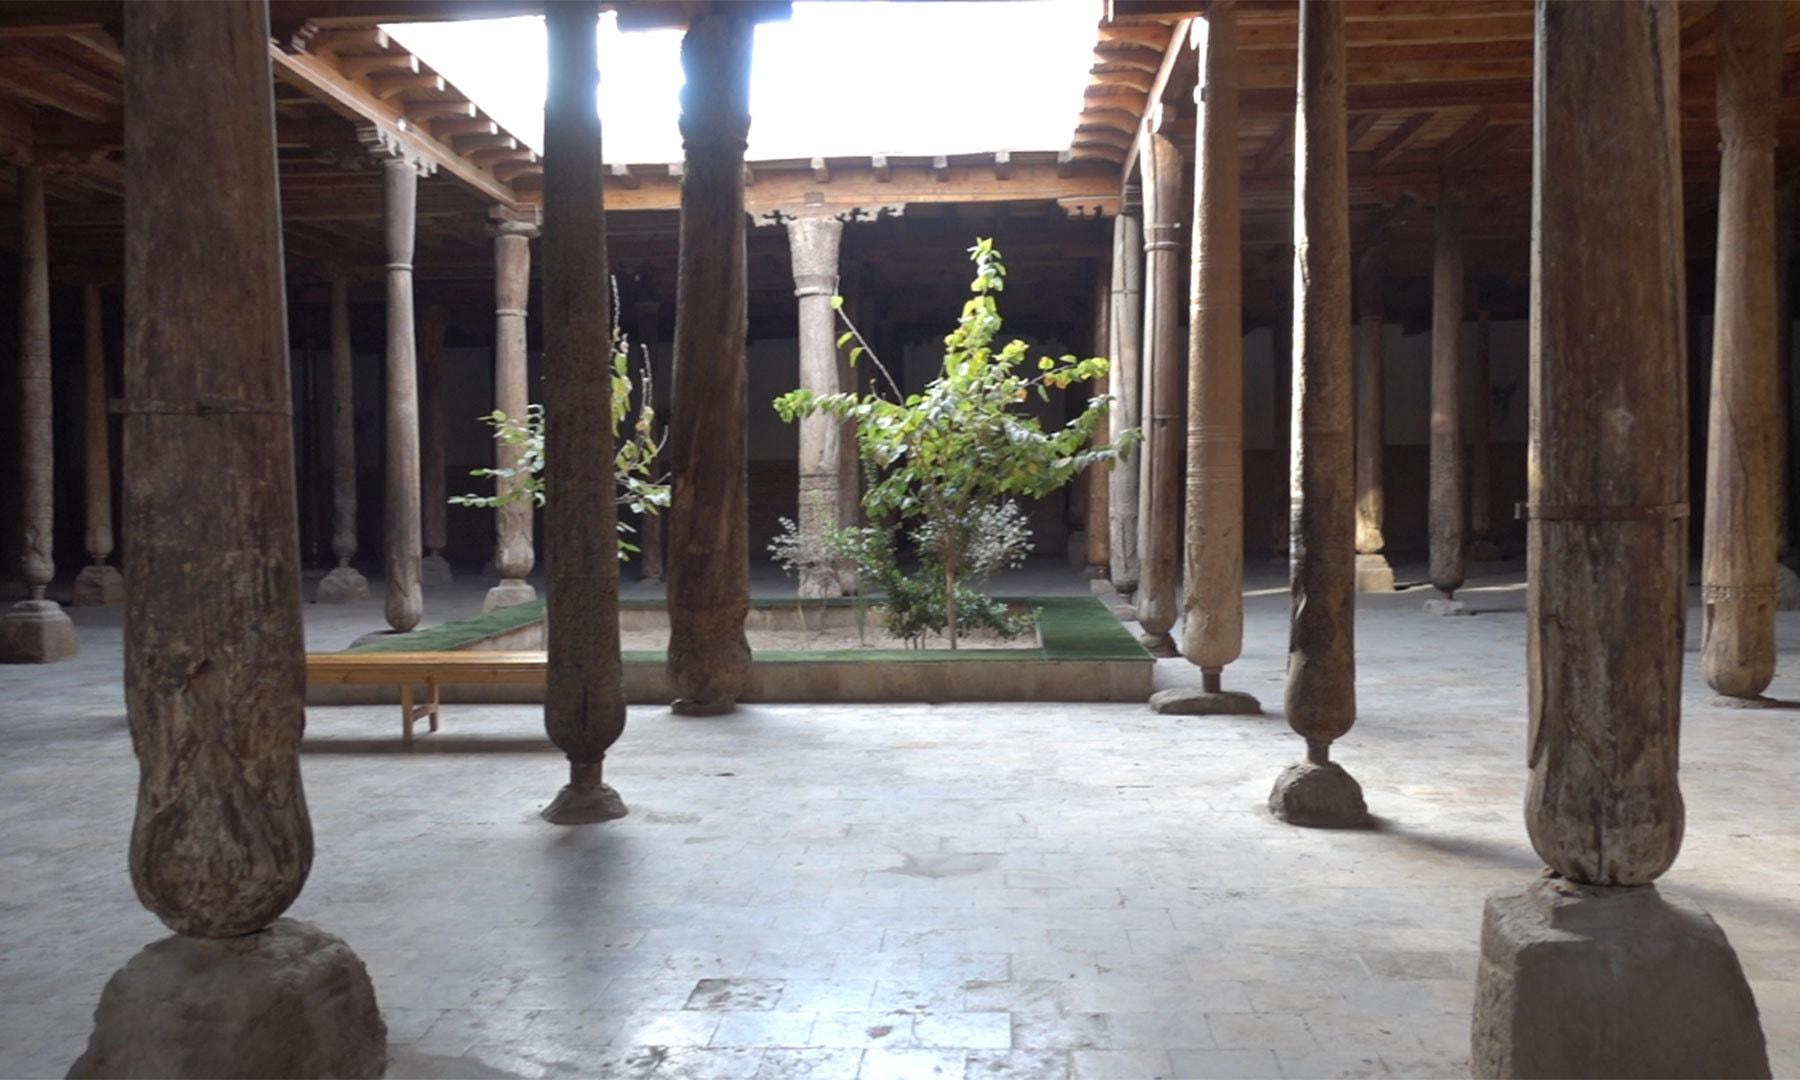 مسجدِ جمعہ کا اندرونی منظر